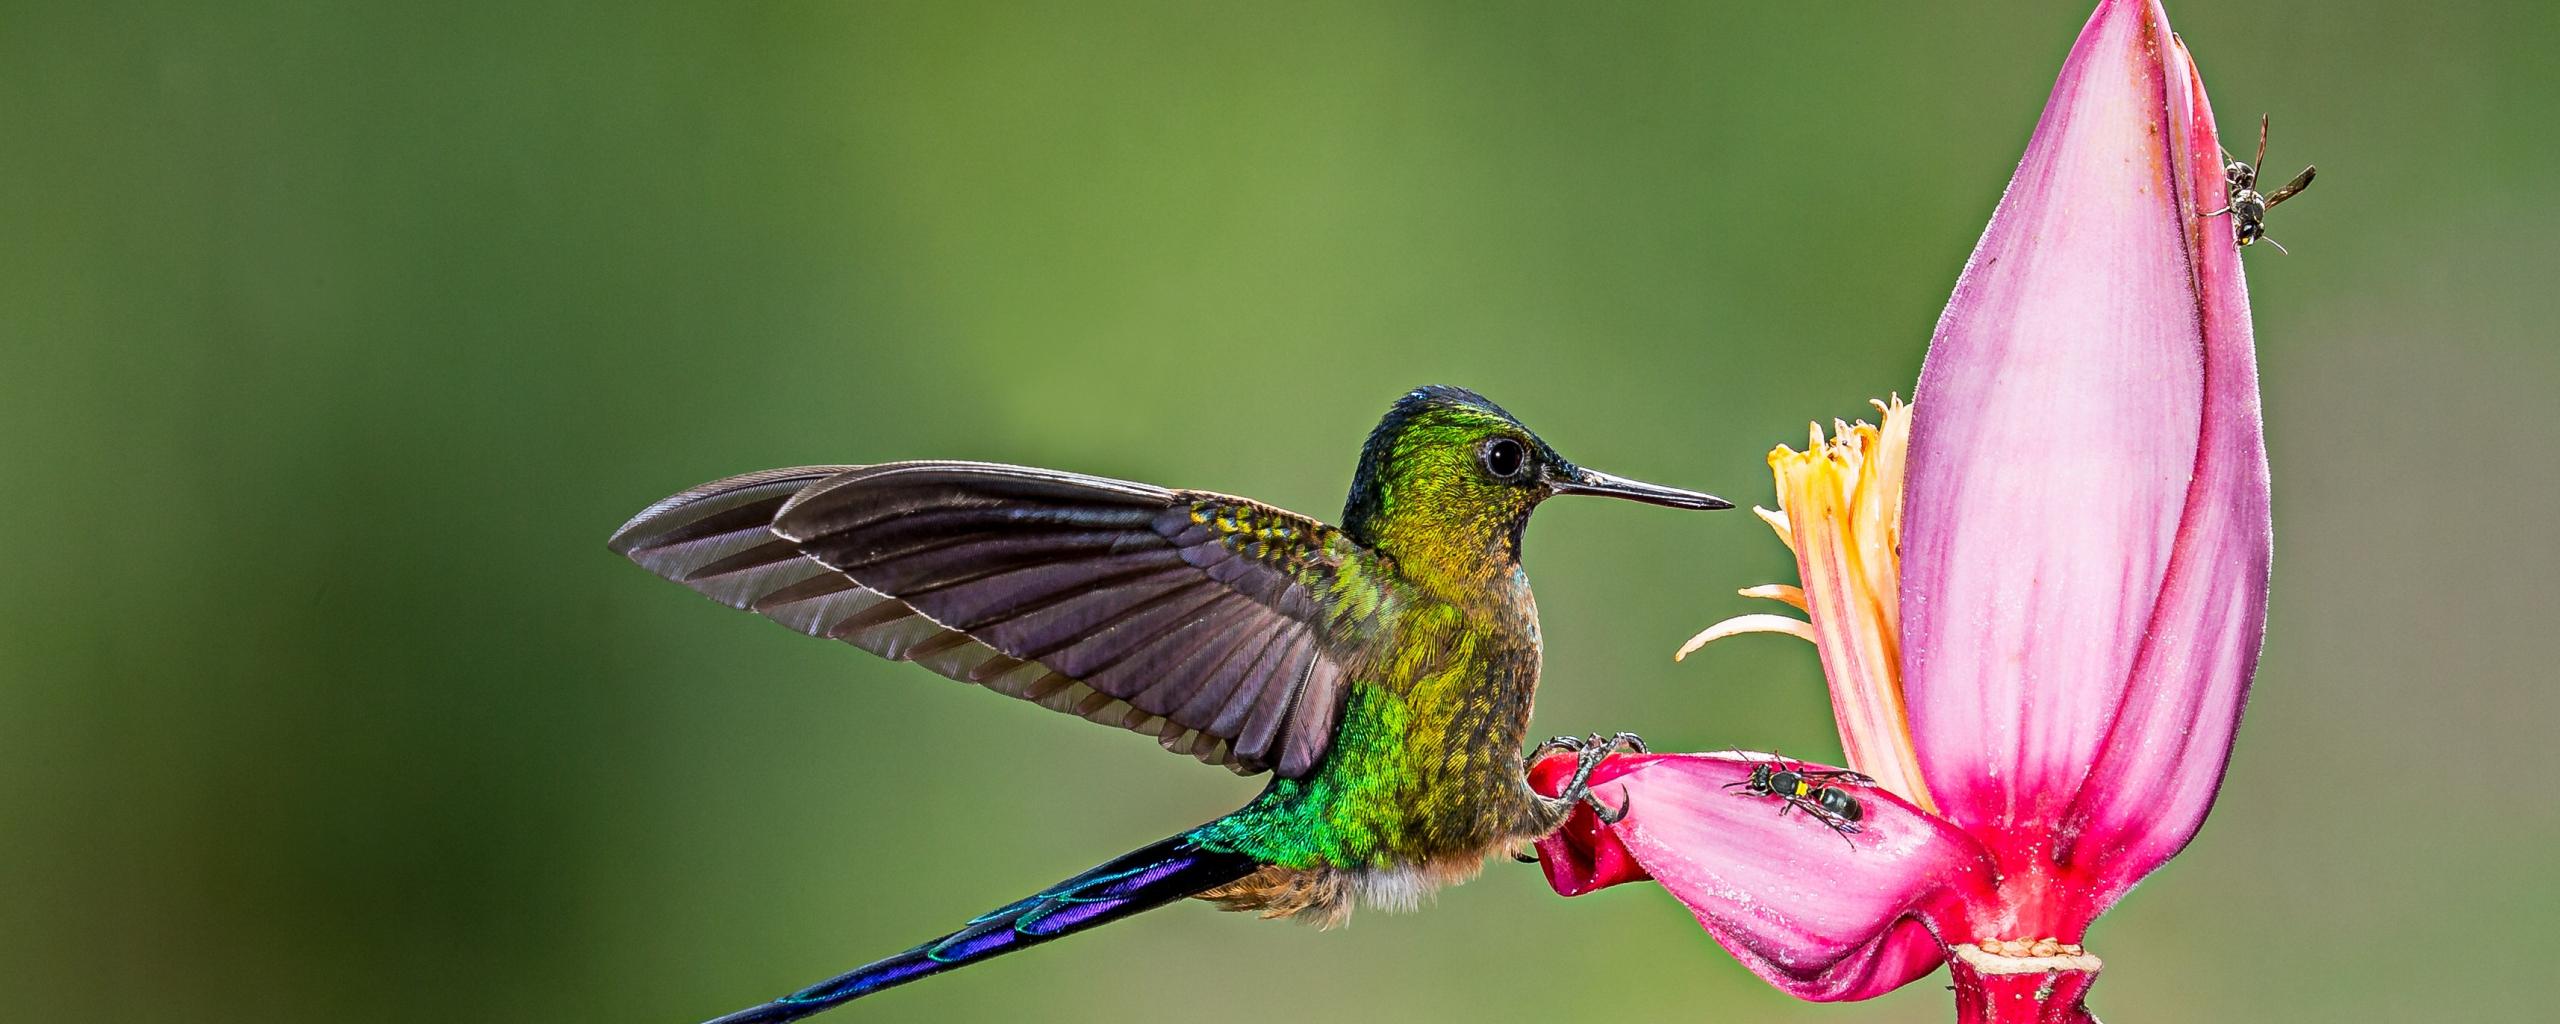 Desktop Wallpaper Hummingbird Long Tail Bird Flower Hd Image Picture Background D73cce